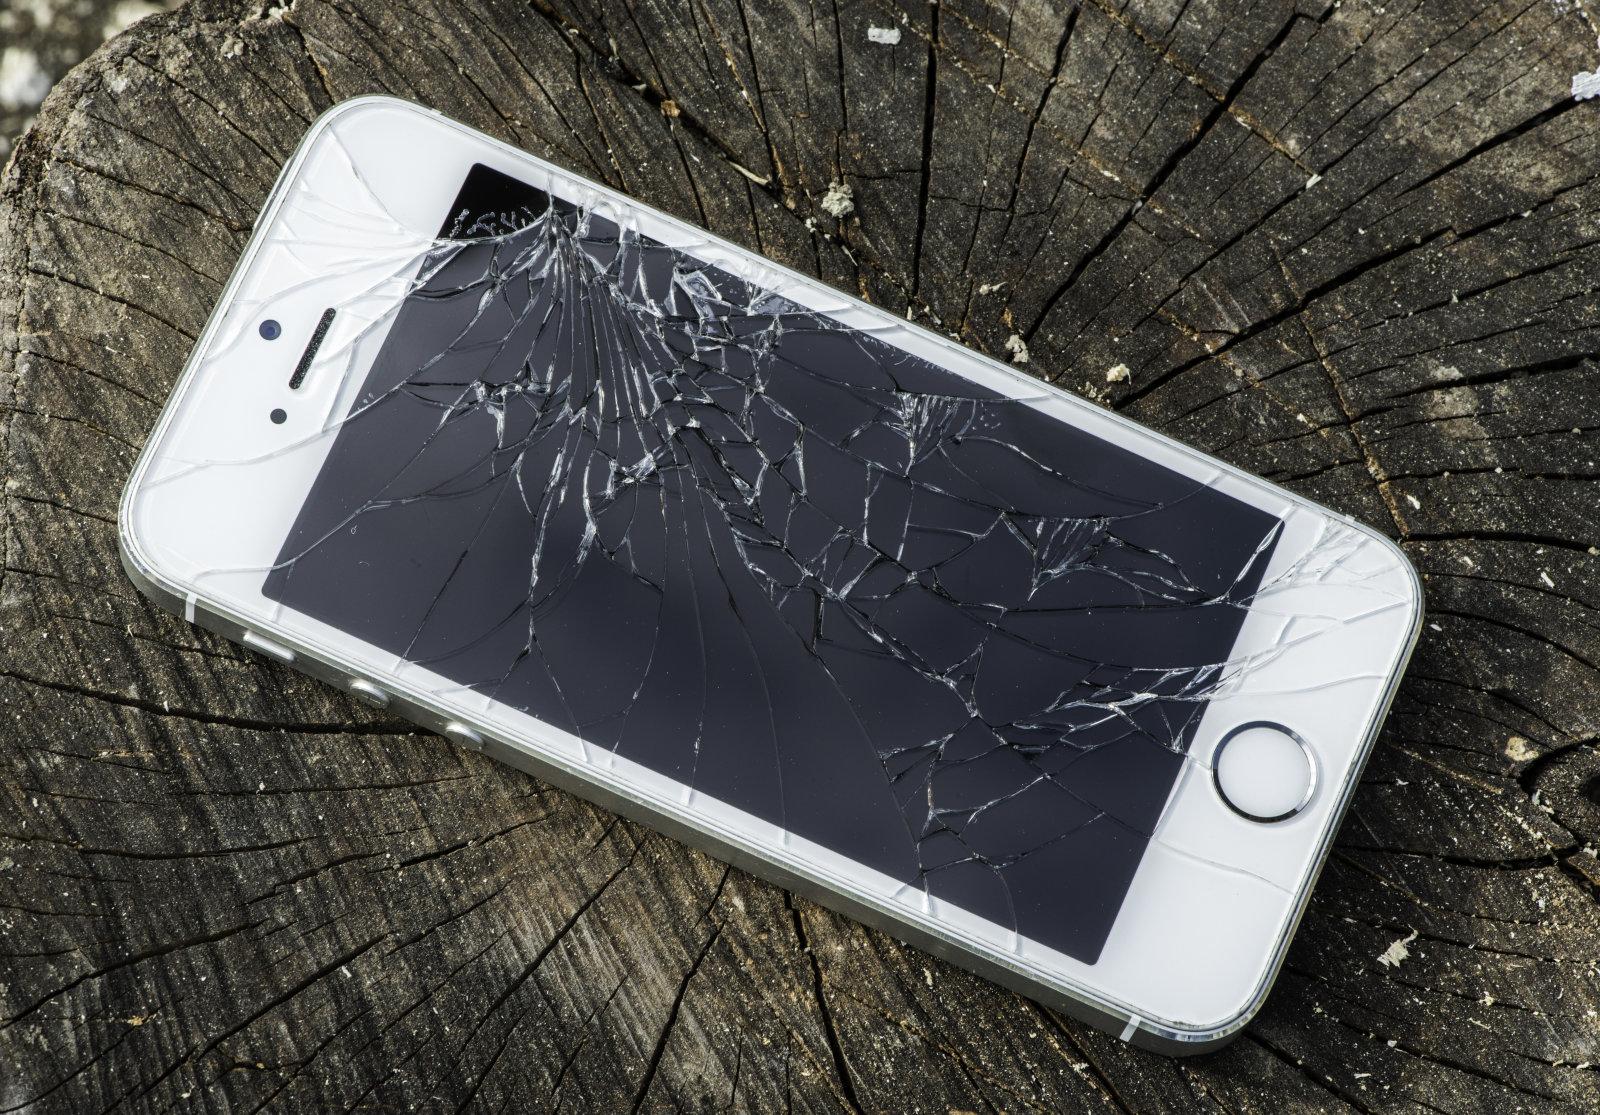 ровной поверхности смартфон с разбитым экраном как извлечь фотографии товаров категории настольные